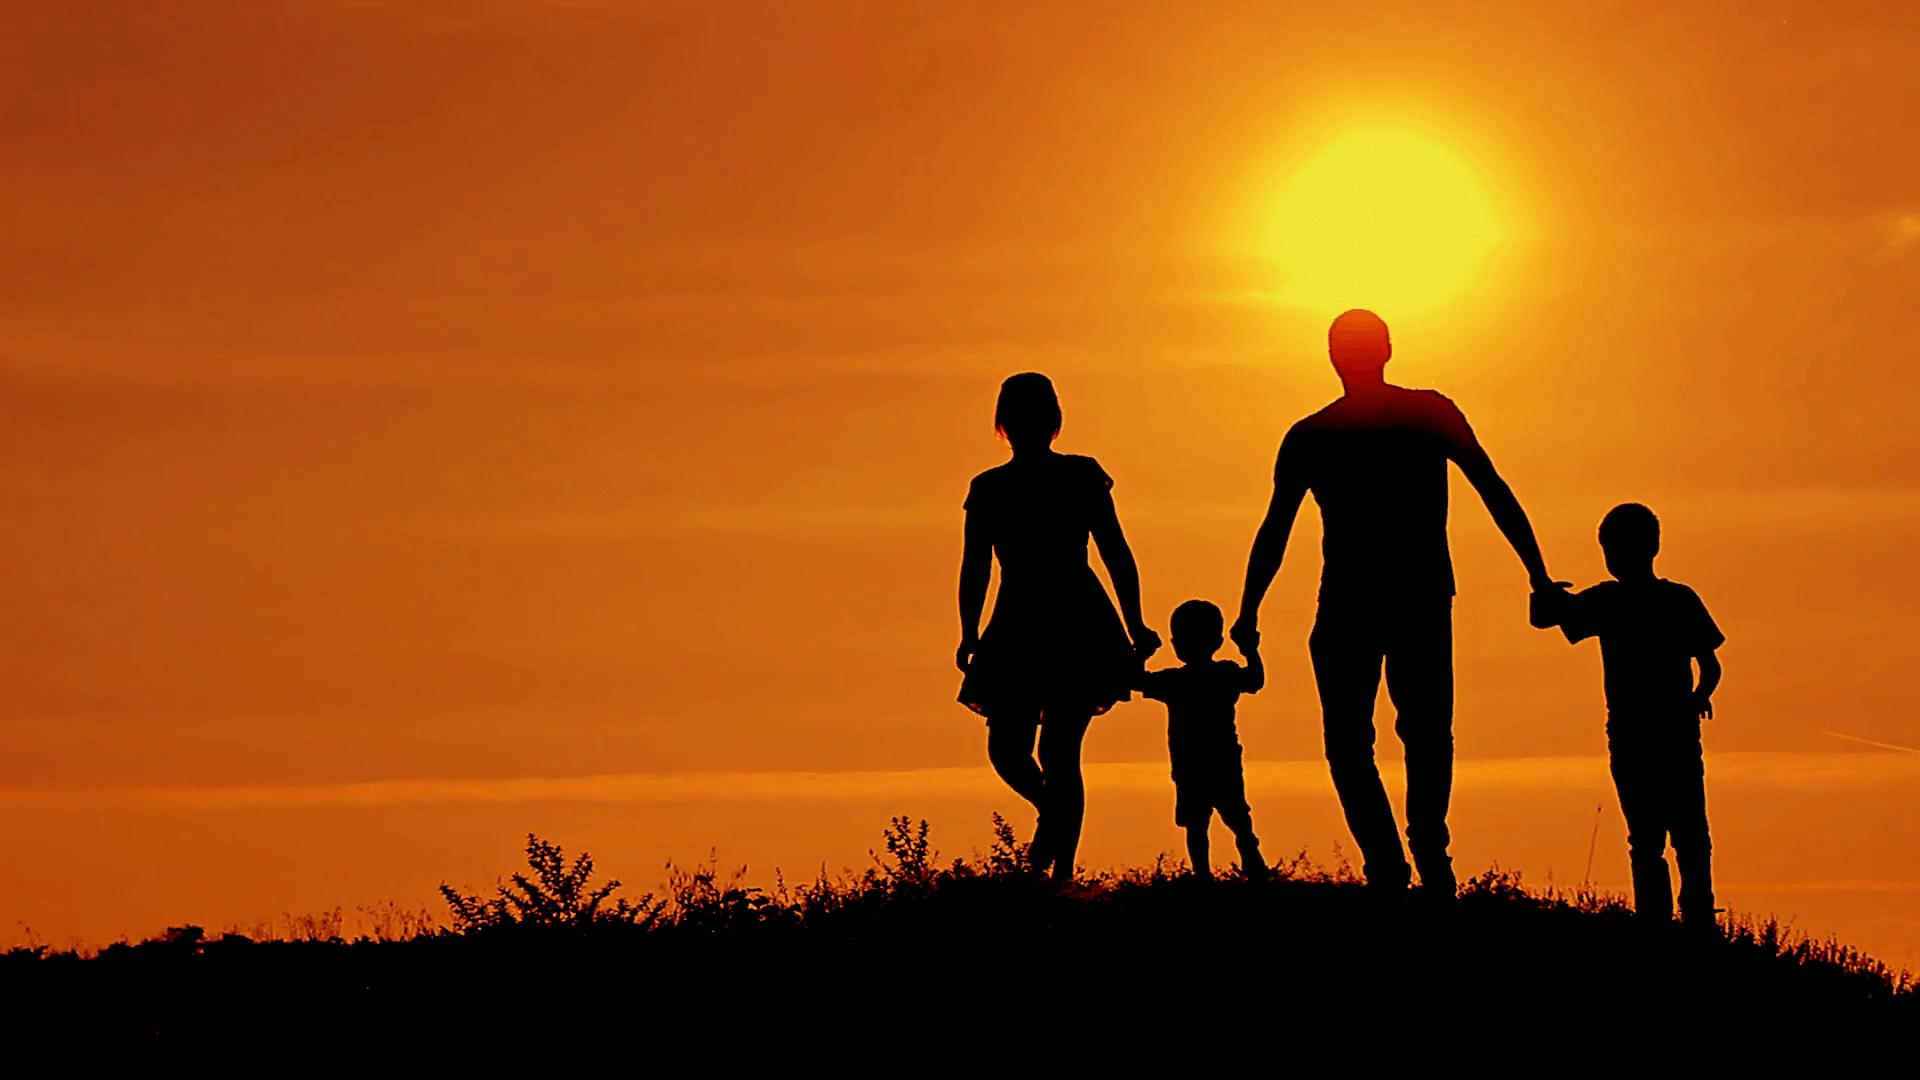 تعاون الأسرة ينتج التقارب و المودة